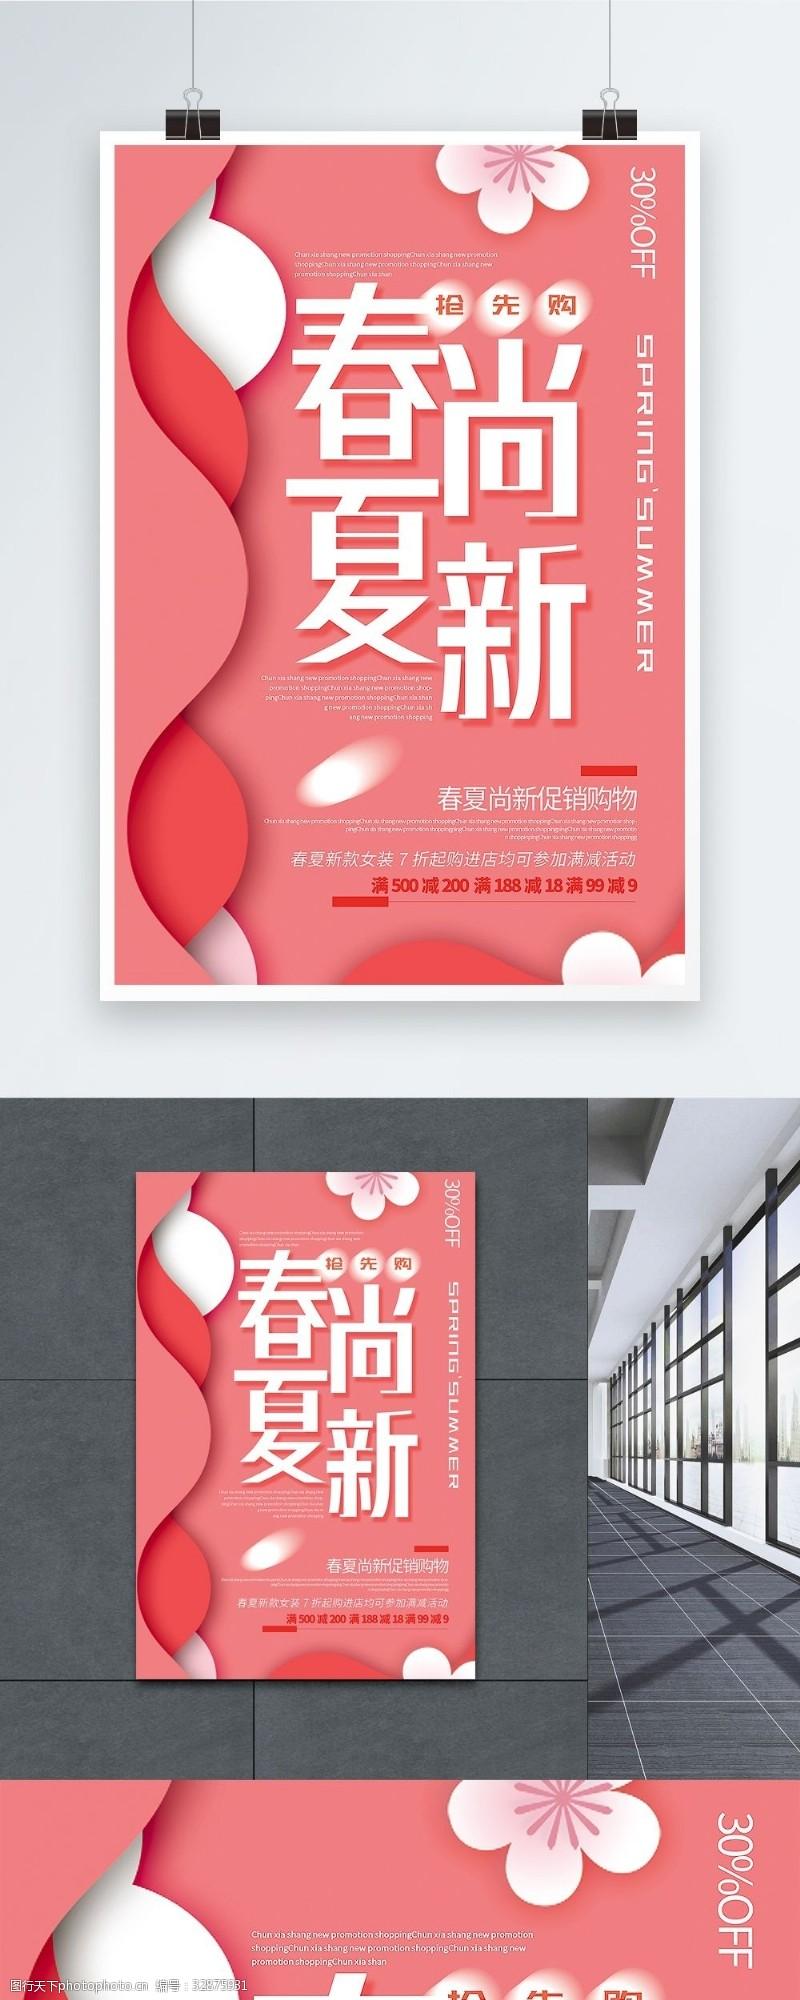 粉色剪纸风唯美春夏?#34892;?#26149;季促销海报